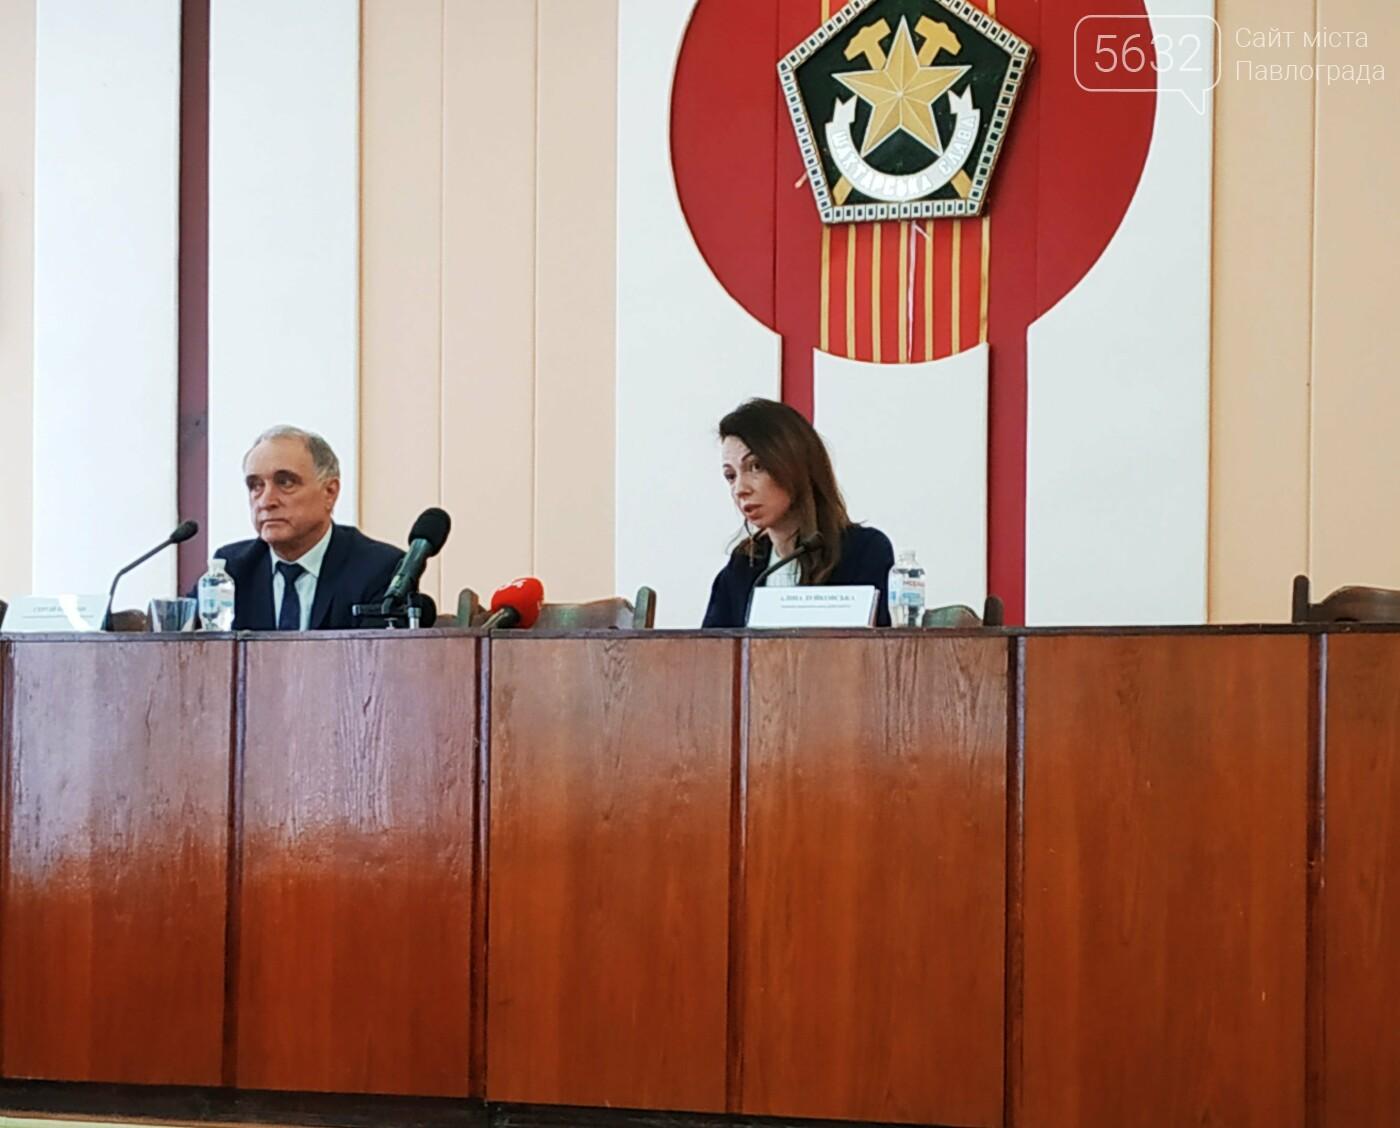 Генеральный директор ДТЭК Павлоградуголь рассказал о перспективах предприятия на ближайшие 10 лет, фото-2